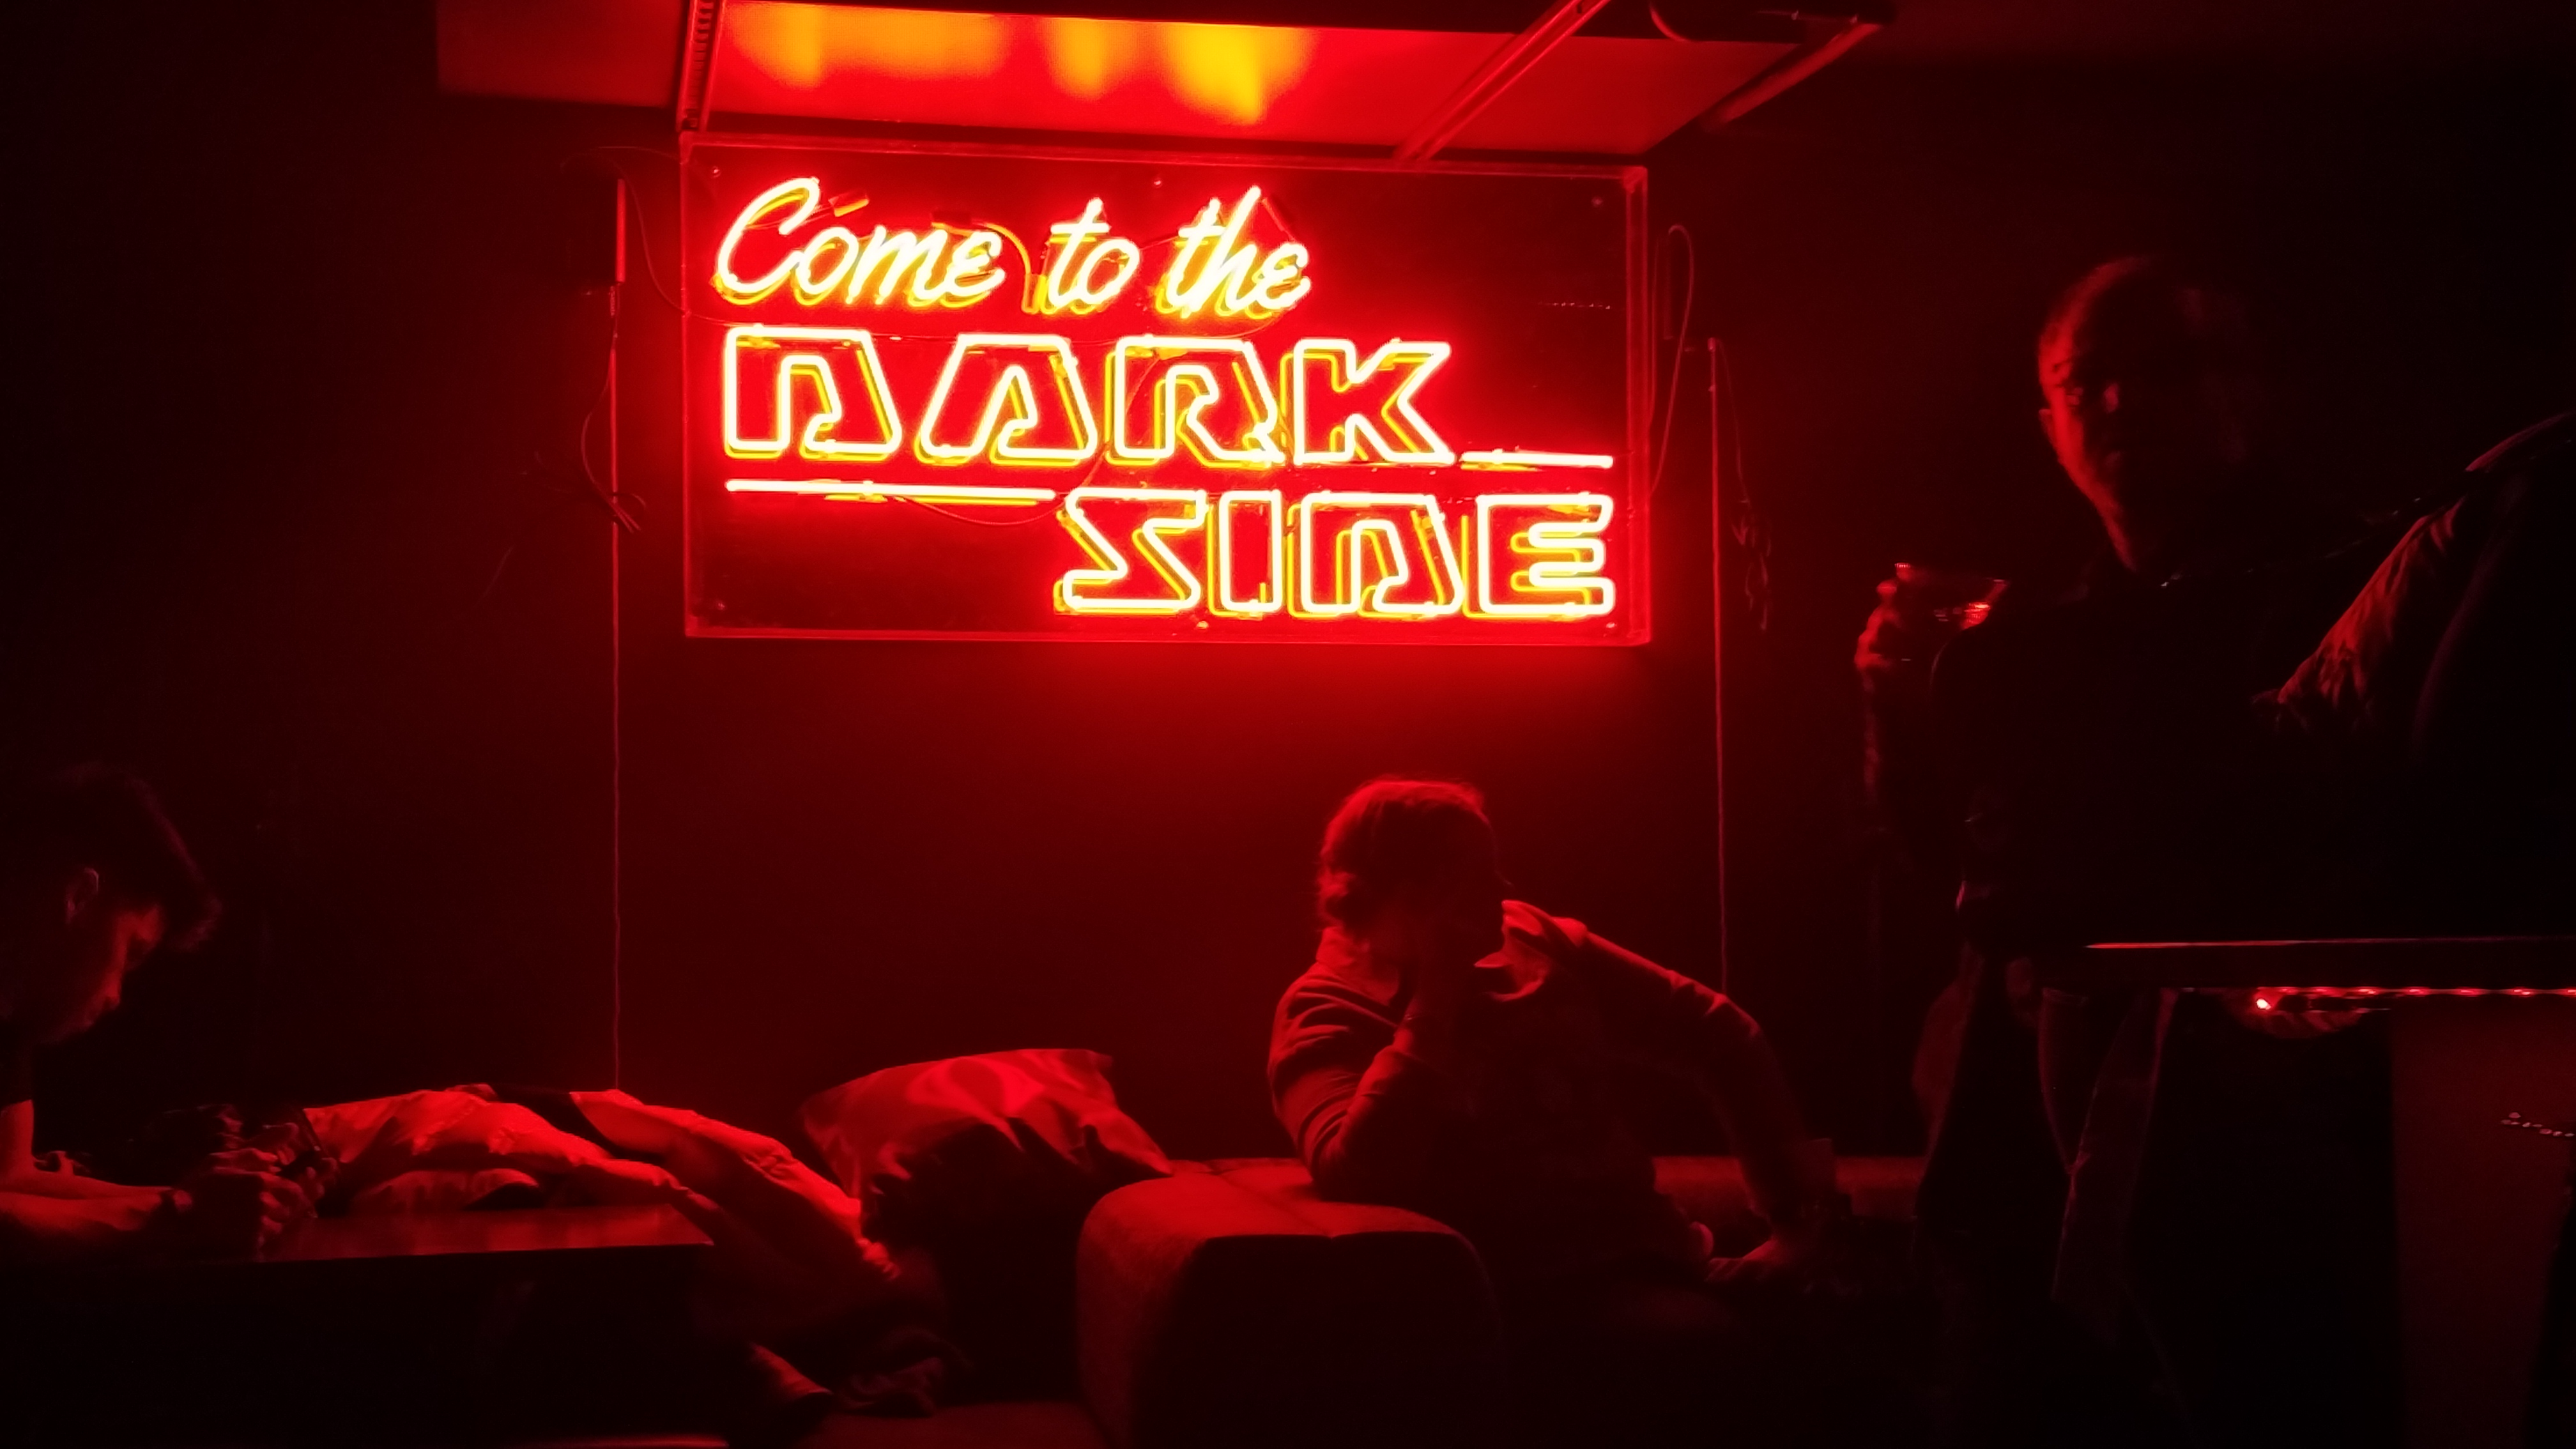 darkside bar Star wars popup